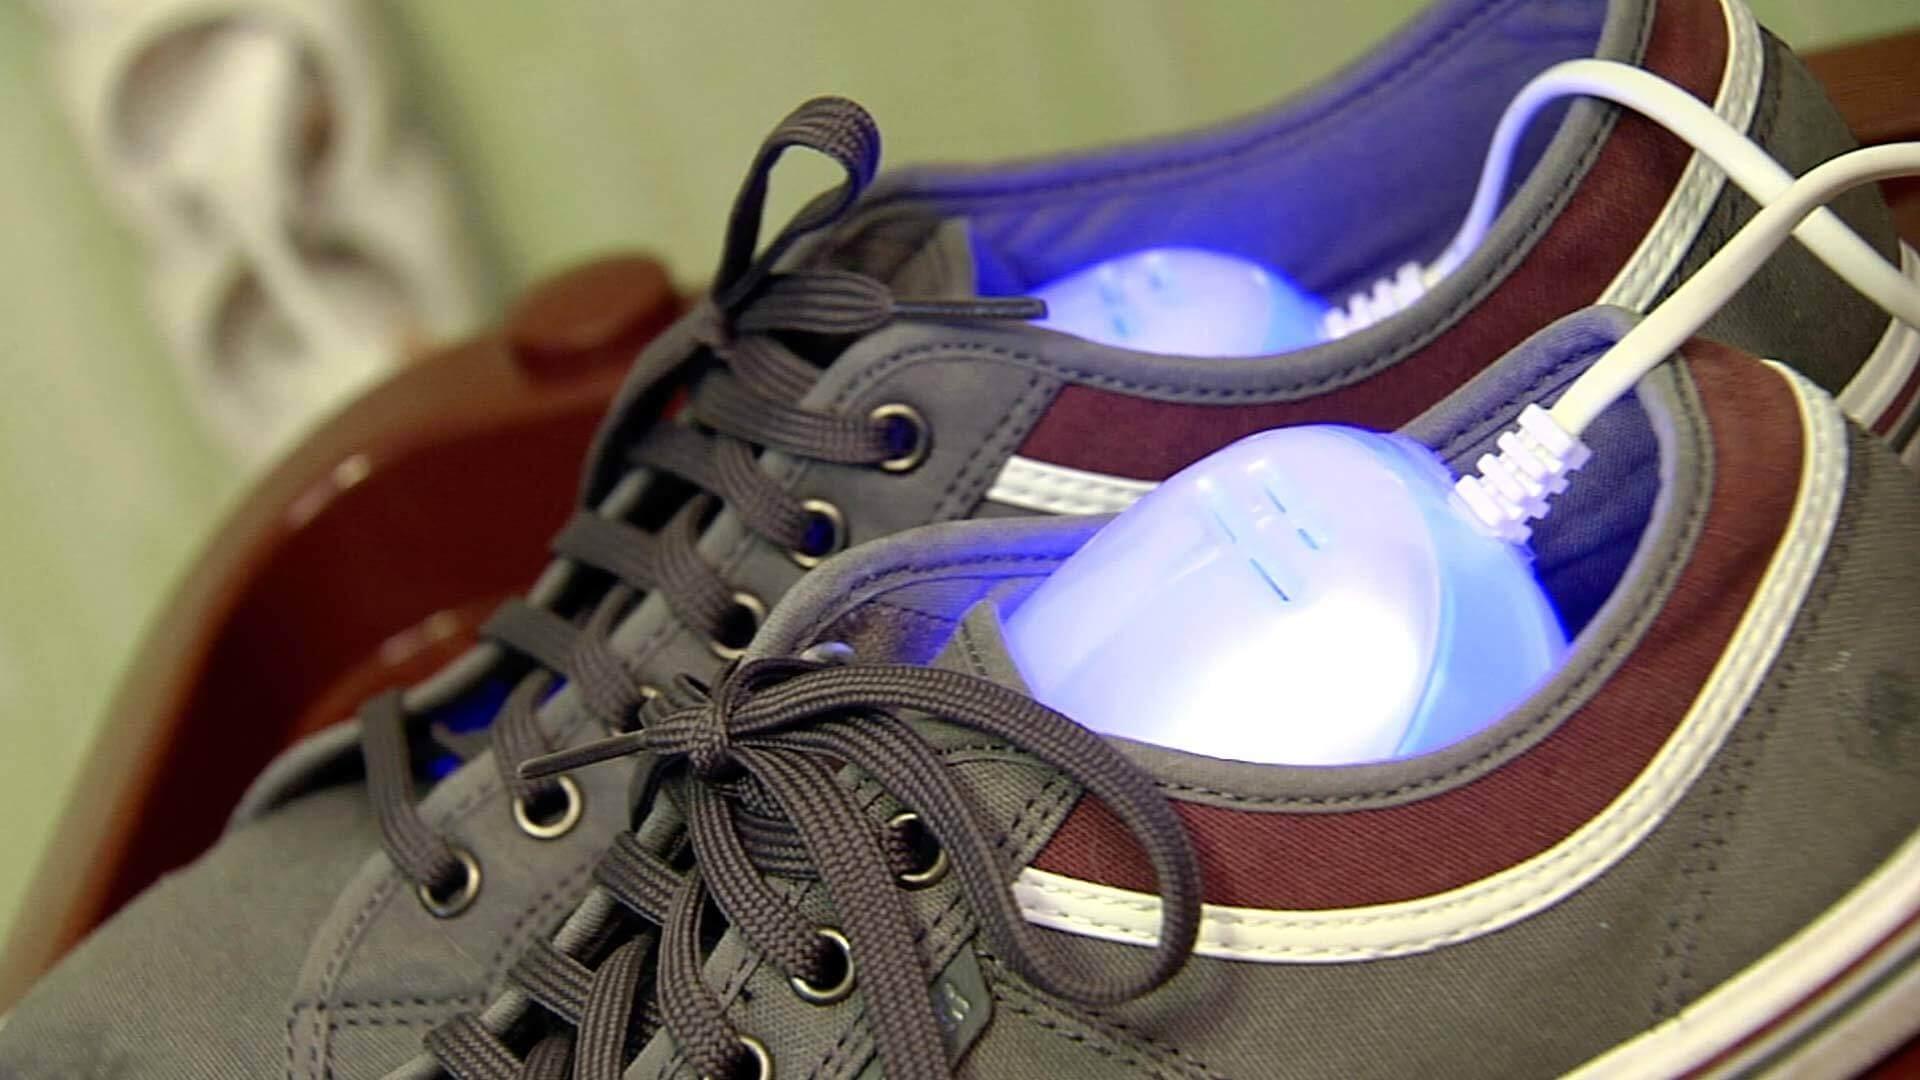 Быстро и надёжно_как правильно постирать кроссовки в стиральной машине - кроссовки с сушкой для обуви